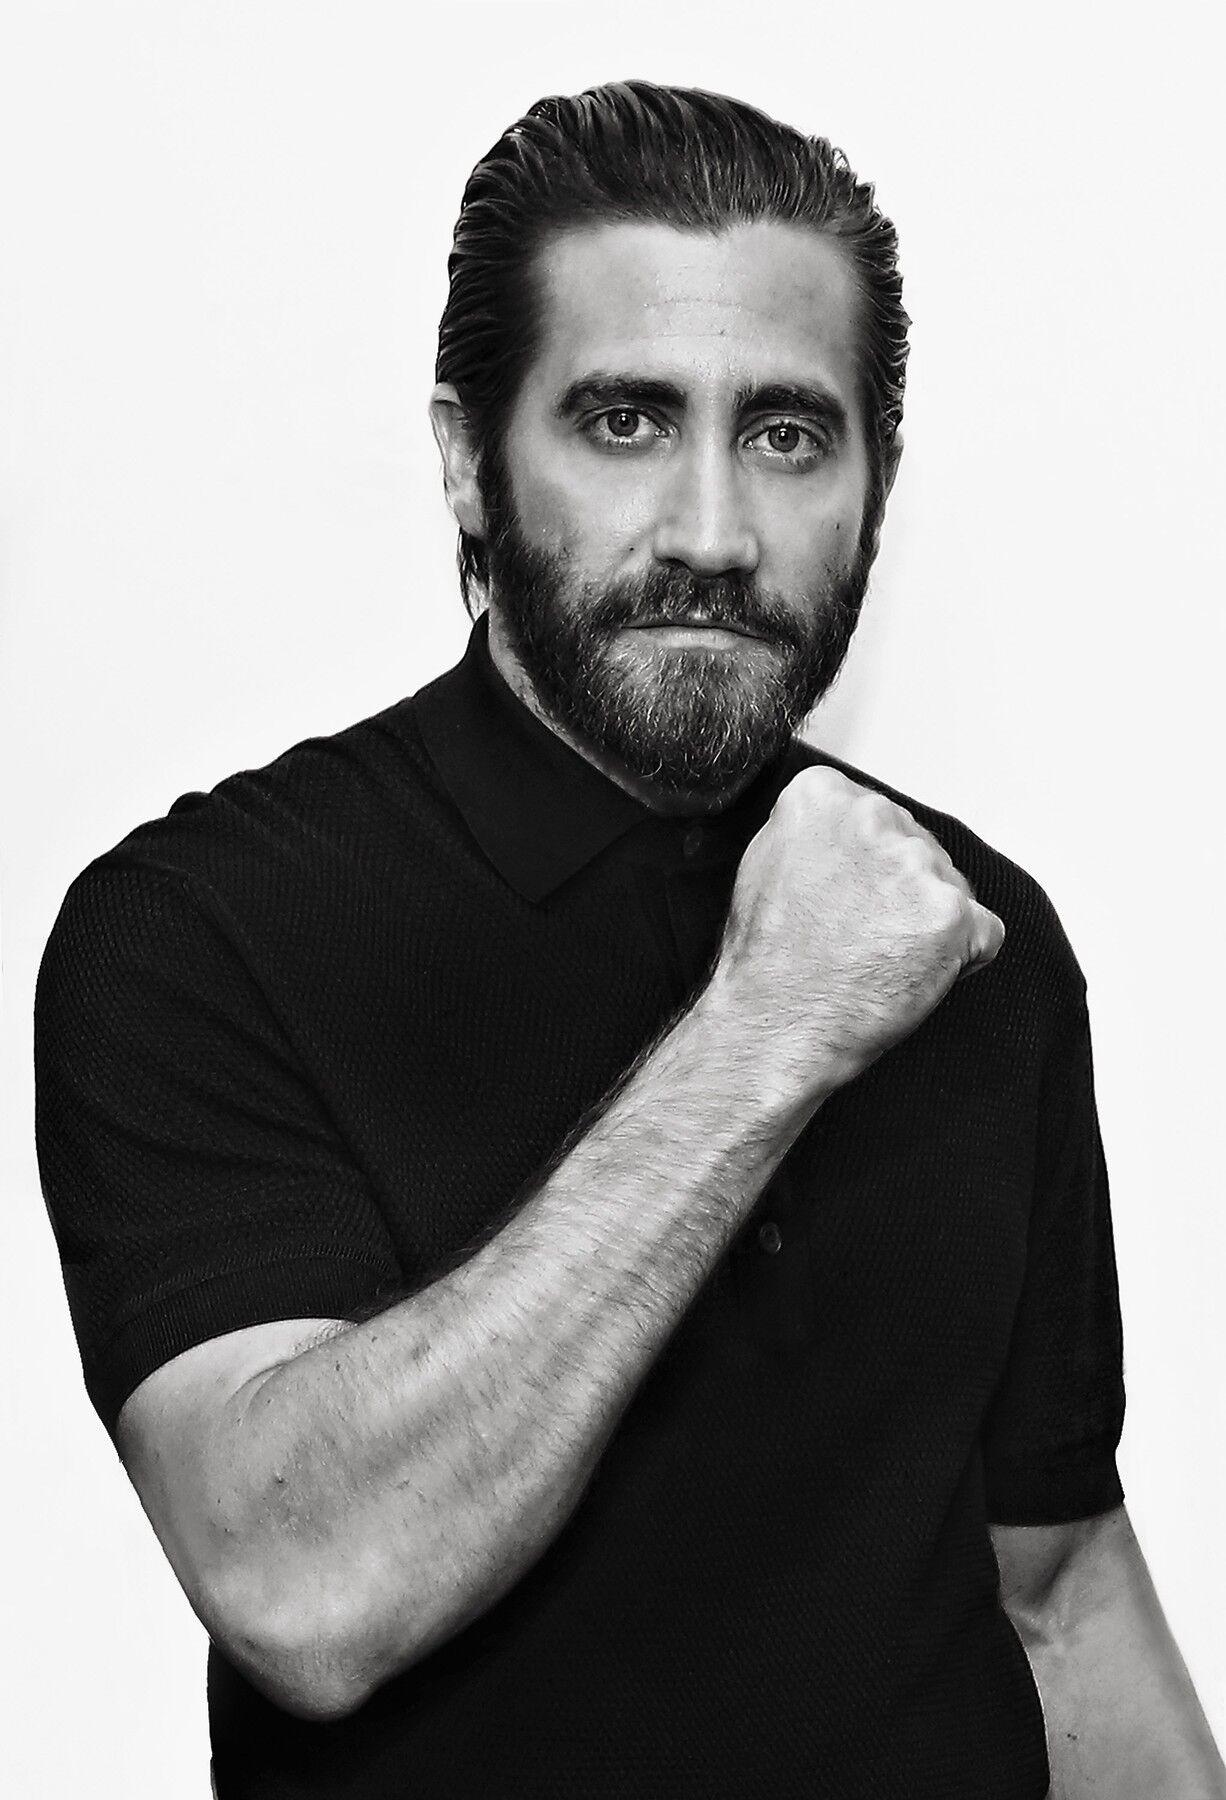 kdo chodí kdo jake gyllenhaal muslimské seznamovací stránky Švédsko